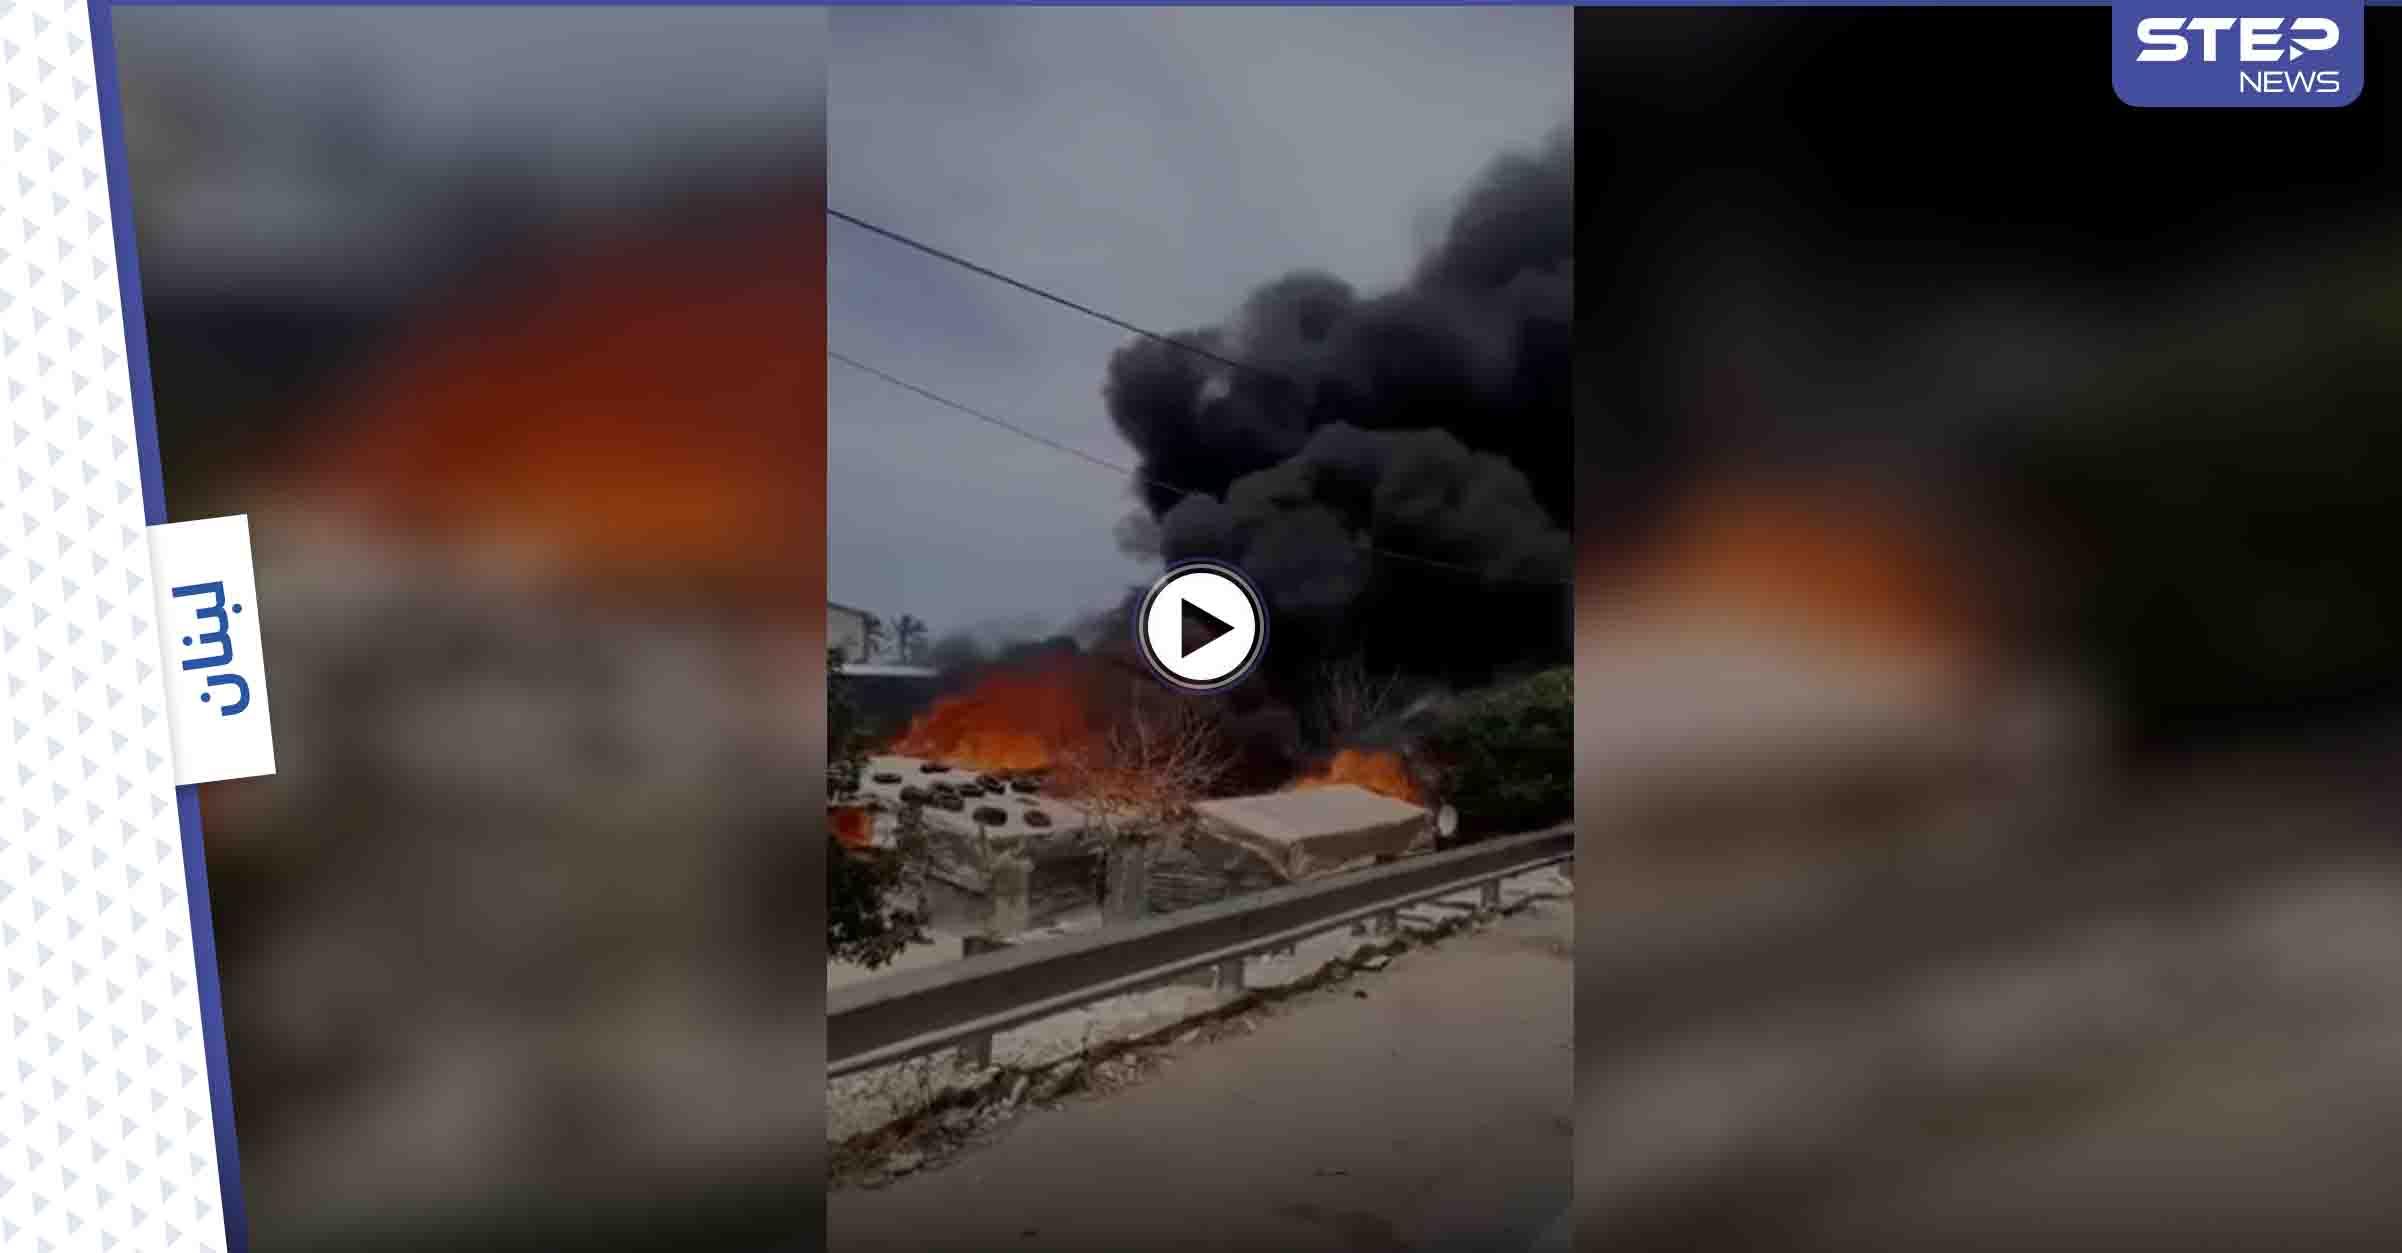 بالفيديو   ألسنة اللهب تلتهم مخيماً لـ اللاجئين السوريين بلبنان بعد تهديداتٍ تلقاها قاطنوه